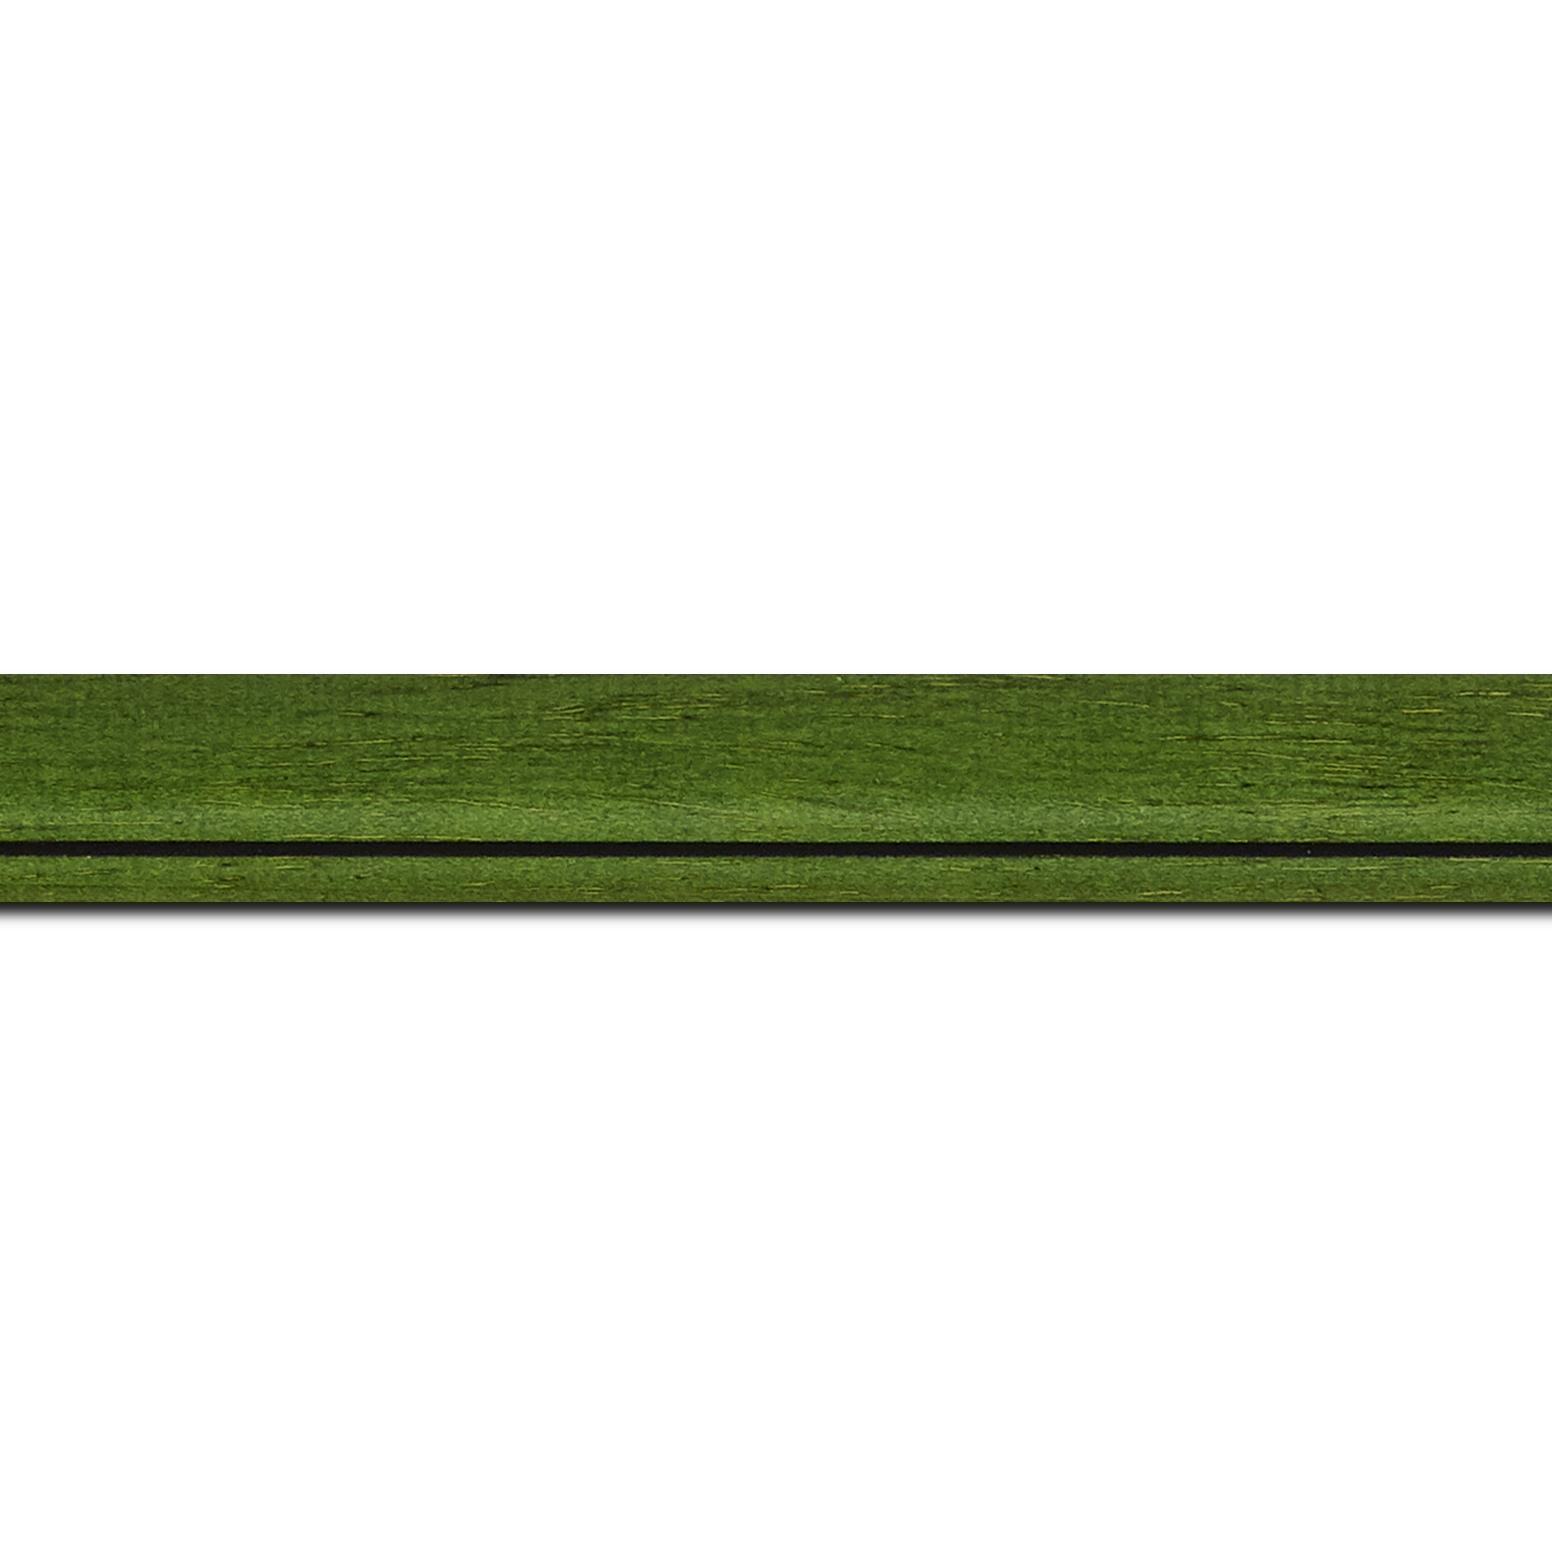 Pack par 12m, bois profil bombé largeur 2.4cm couleur vert sapin satiné filet noir(longueur baguette pouvant varier entre 2.40m et 3m selon arrivage des bois)